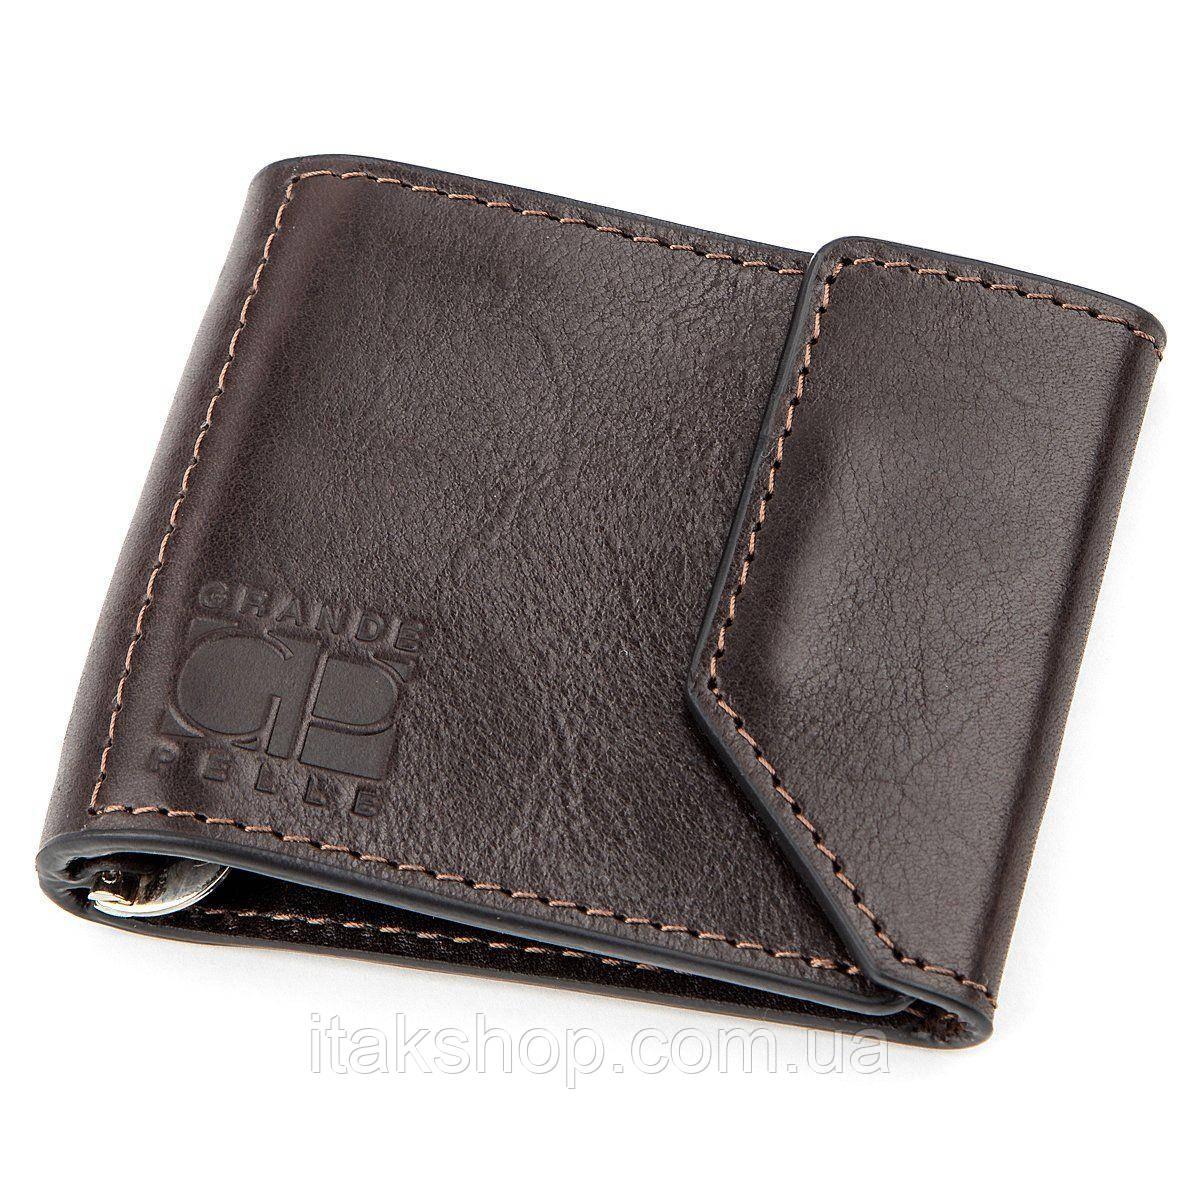 Зажим для денег GRANDE PELLE 11150 Темно-коричневый, Коричневый